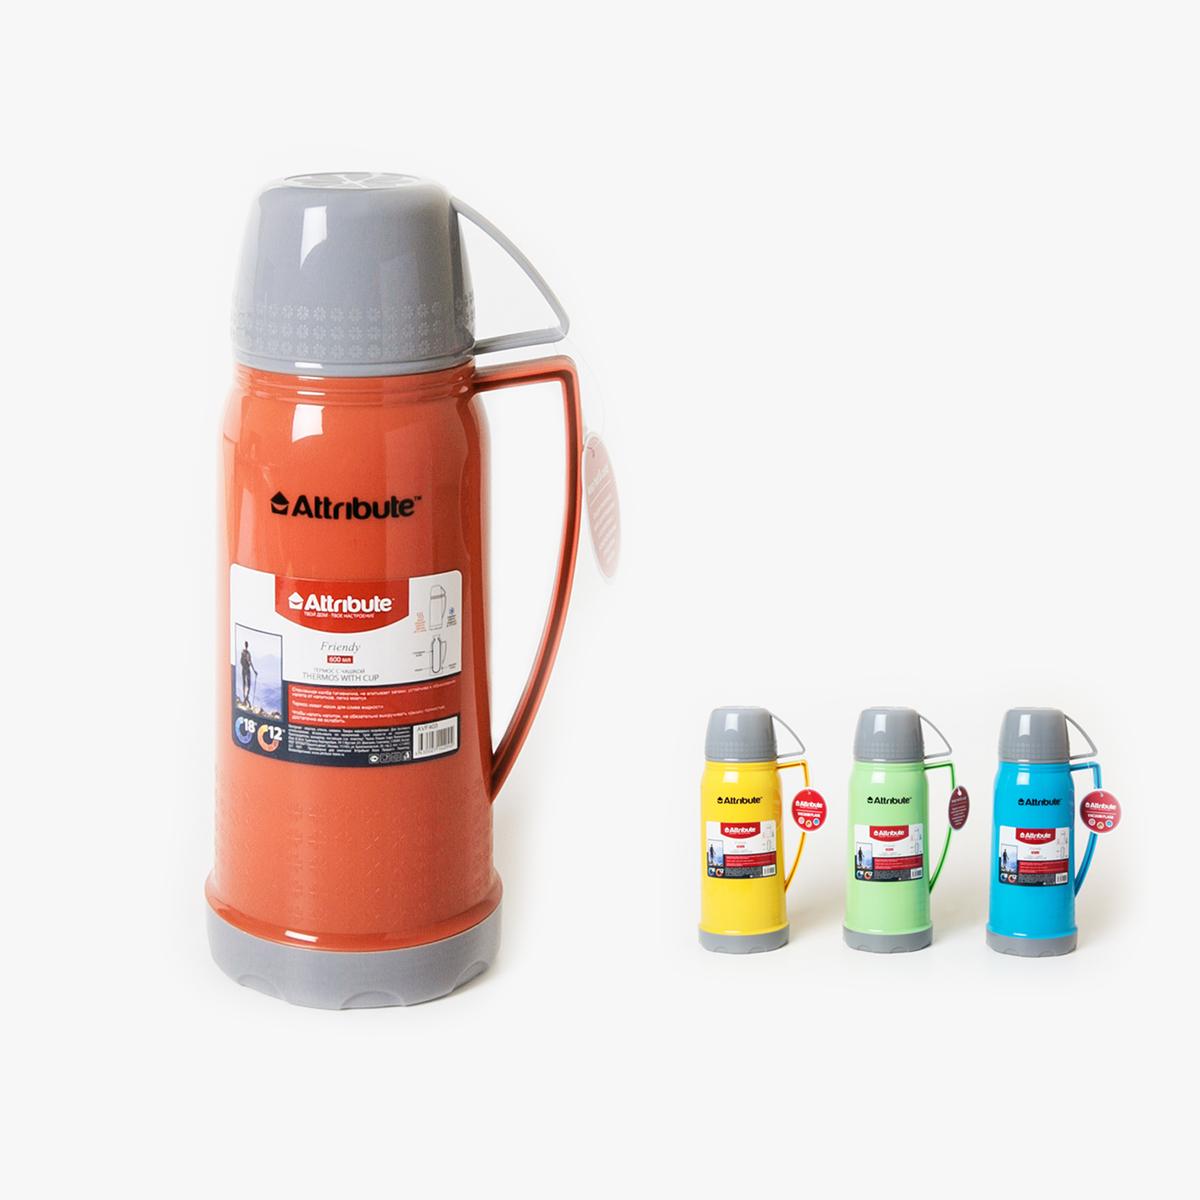 Термос Attribute Friendy, с ручкой, 600 млVT-1520(SR)Термос Attribute Friendy подходит для напитков и настоек травяных отваров. Внутренняя колба и корпус выполнены из высококачественной нержавеющей стали. Корпус покрыт защитным цветным лаком, что создает дополнительную защиту рук при использовании на морозе. Термос сохраняет напиток горячим до 10 часов, а холодным - до 16 часов. Вакуумная теплоизоляция между колбой и корпусом обеспечивает наилучшее сохранение тепла. Герметичная крышка снабжена теплоизоляционным материалом. Верхняя крышка плотно закрывает термос и может использоваться в качестве чаши для питья c ручкой. Изделие легкое и прочное, малый вес позволяет брать его с собой на работу и учебу, в поездки и походы.